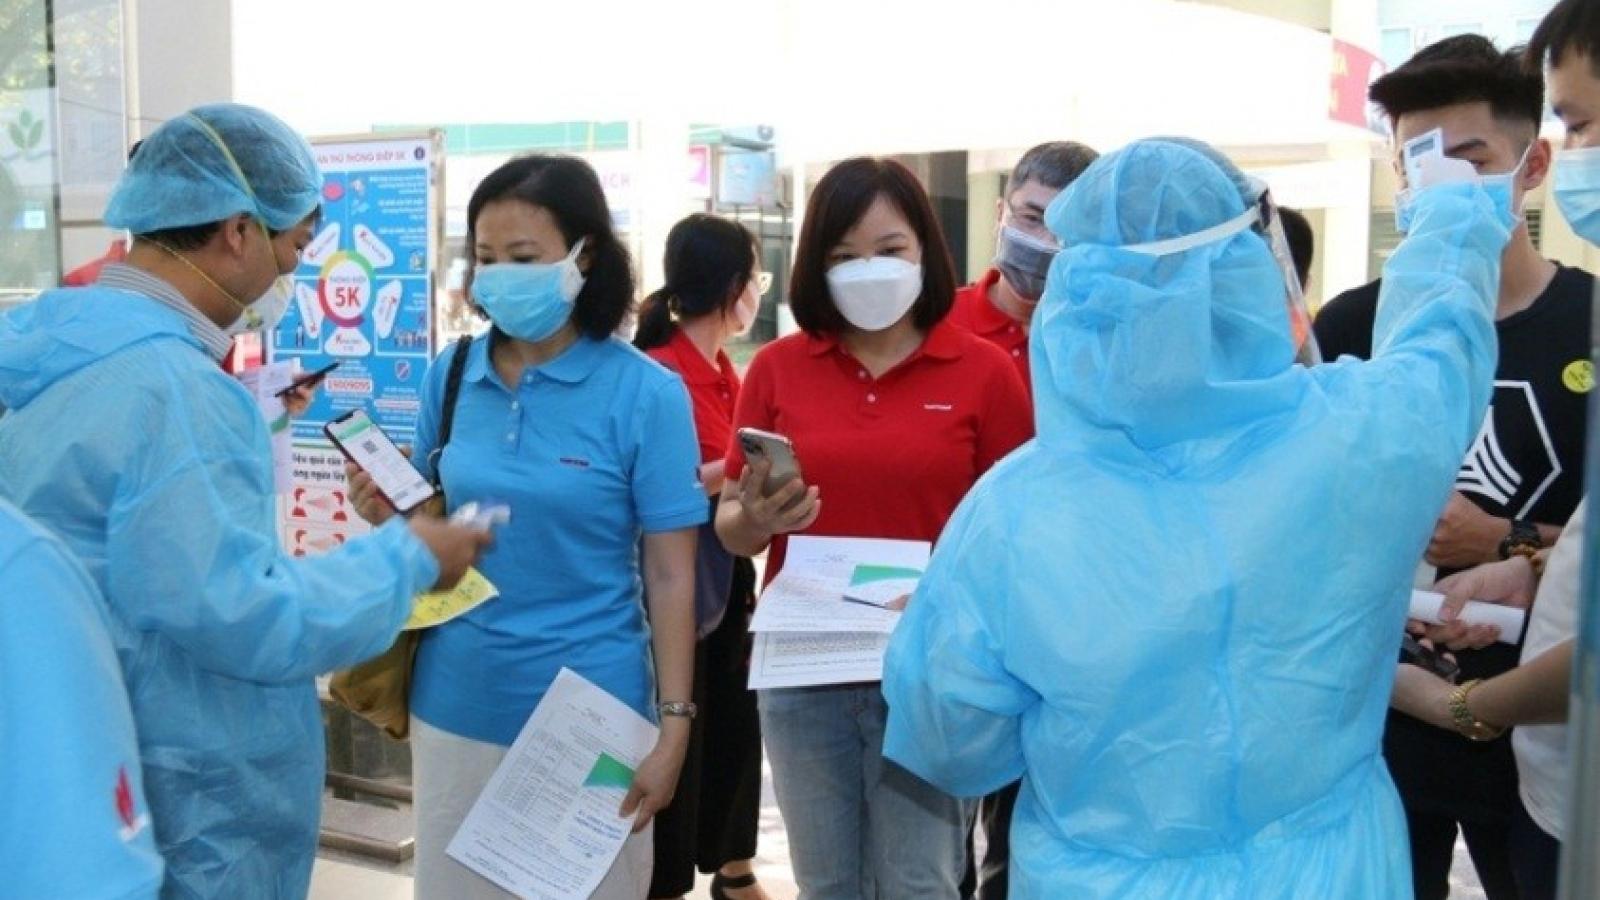 Petrovietnam đã chuyển 400 tỷ đồng đến Quỹ vaccine phòng, chống Covid-19